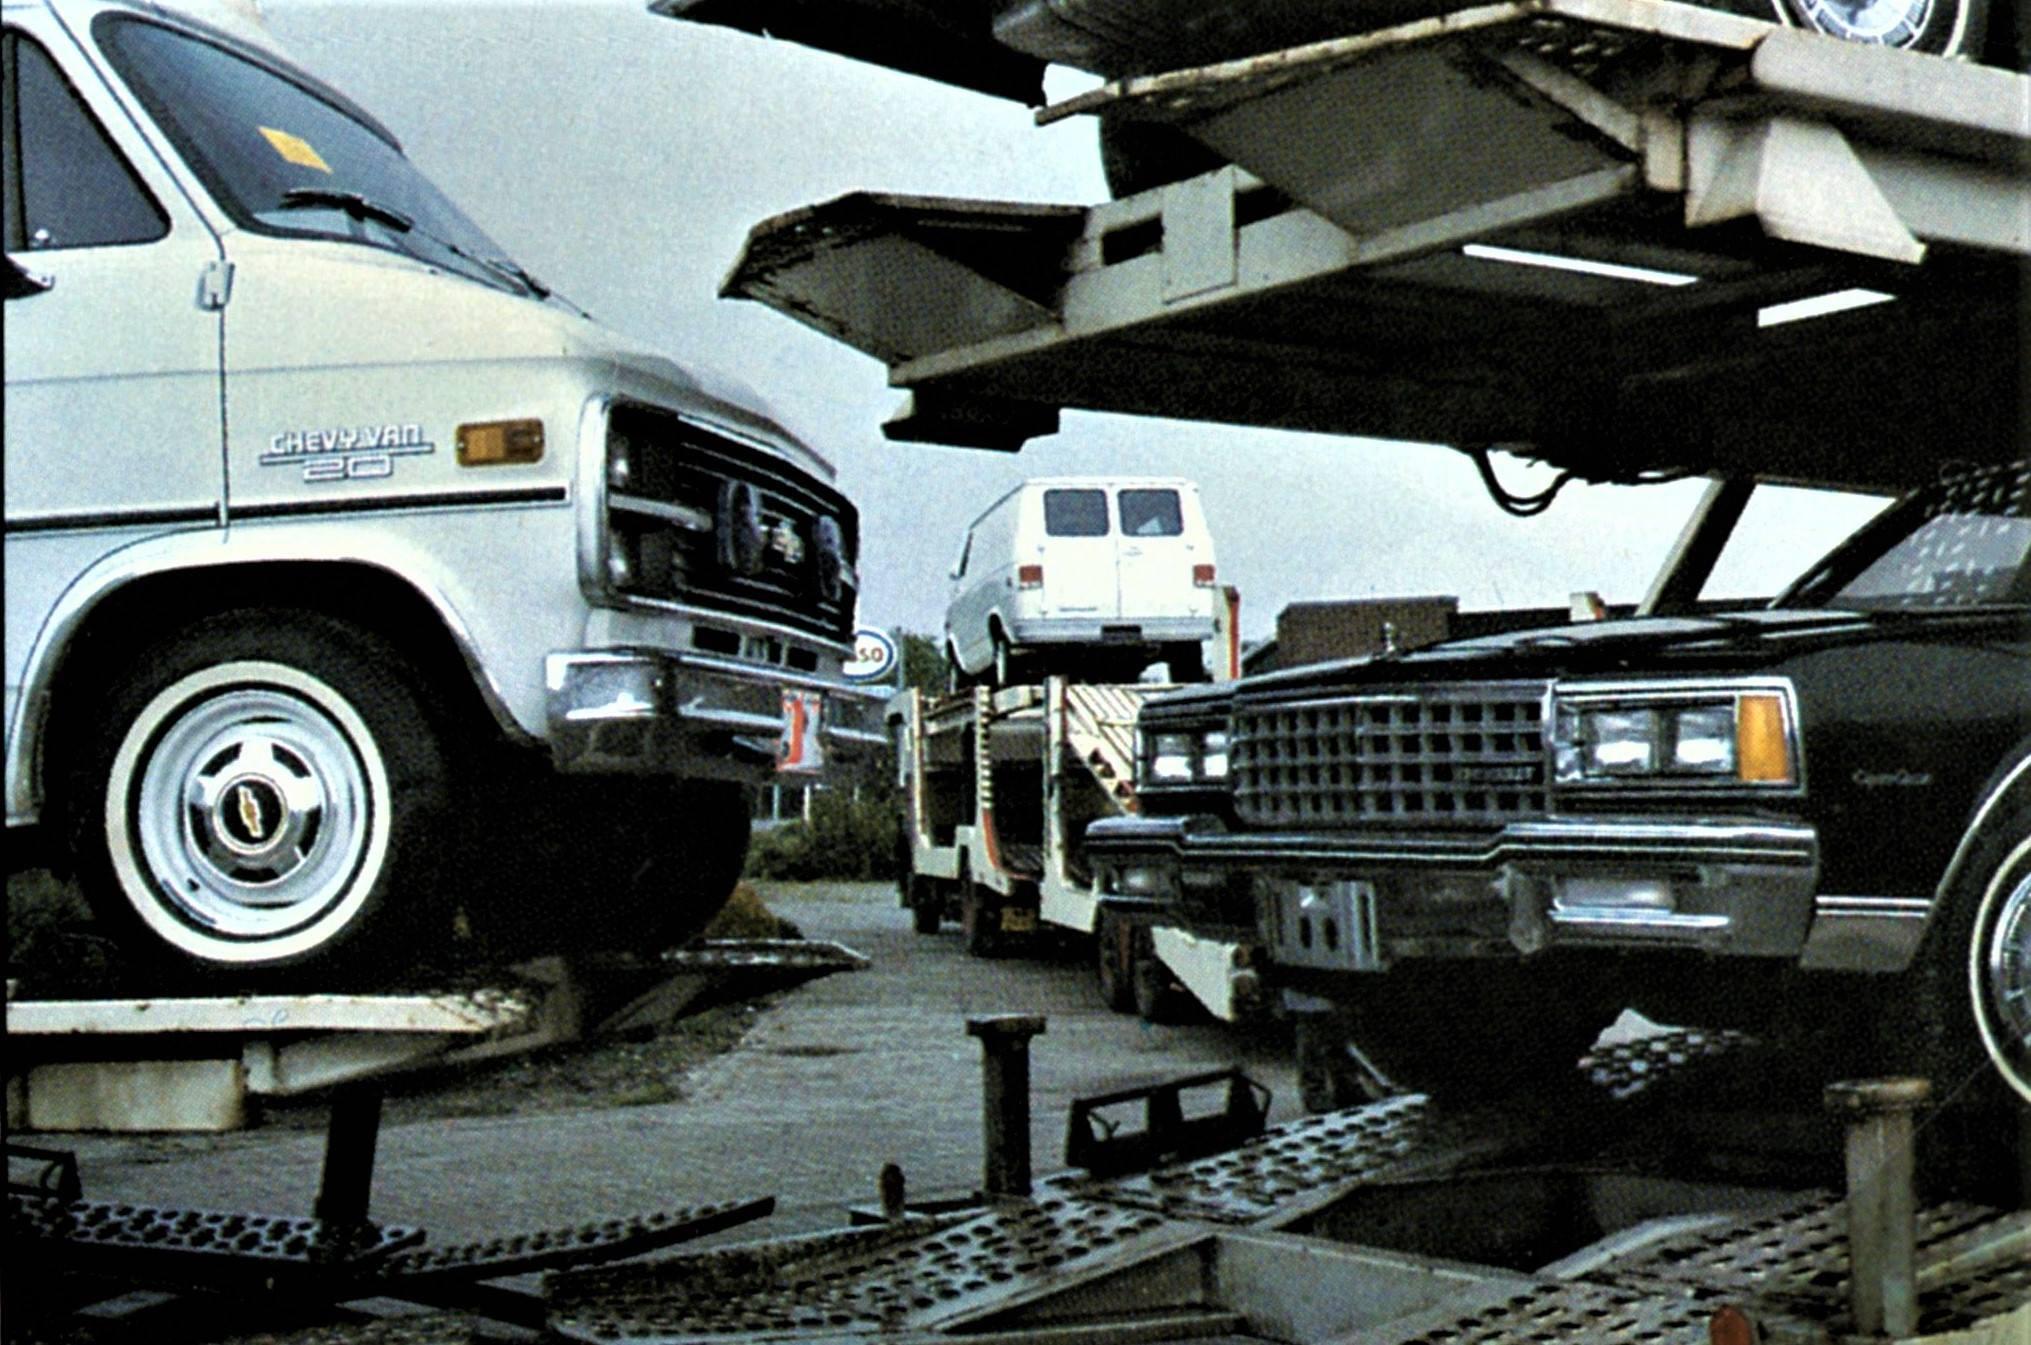 Aanvoer-nieuwe-Chevrolet-Chevy-Van-busjes-en-Chevrolet-Caprice-Classic